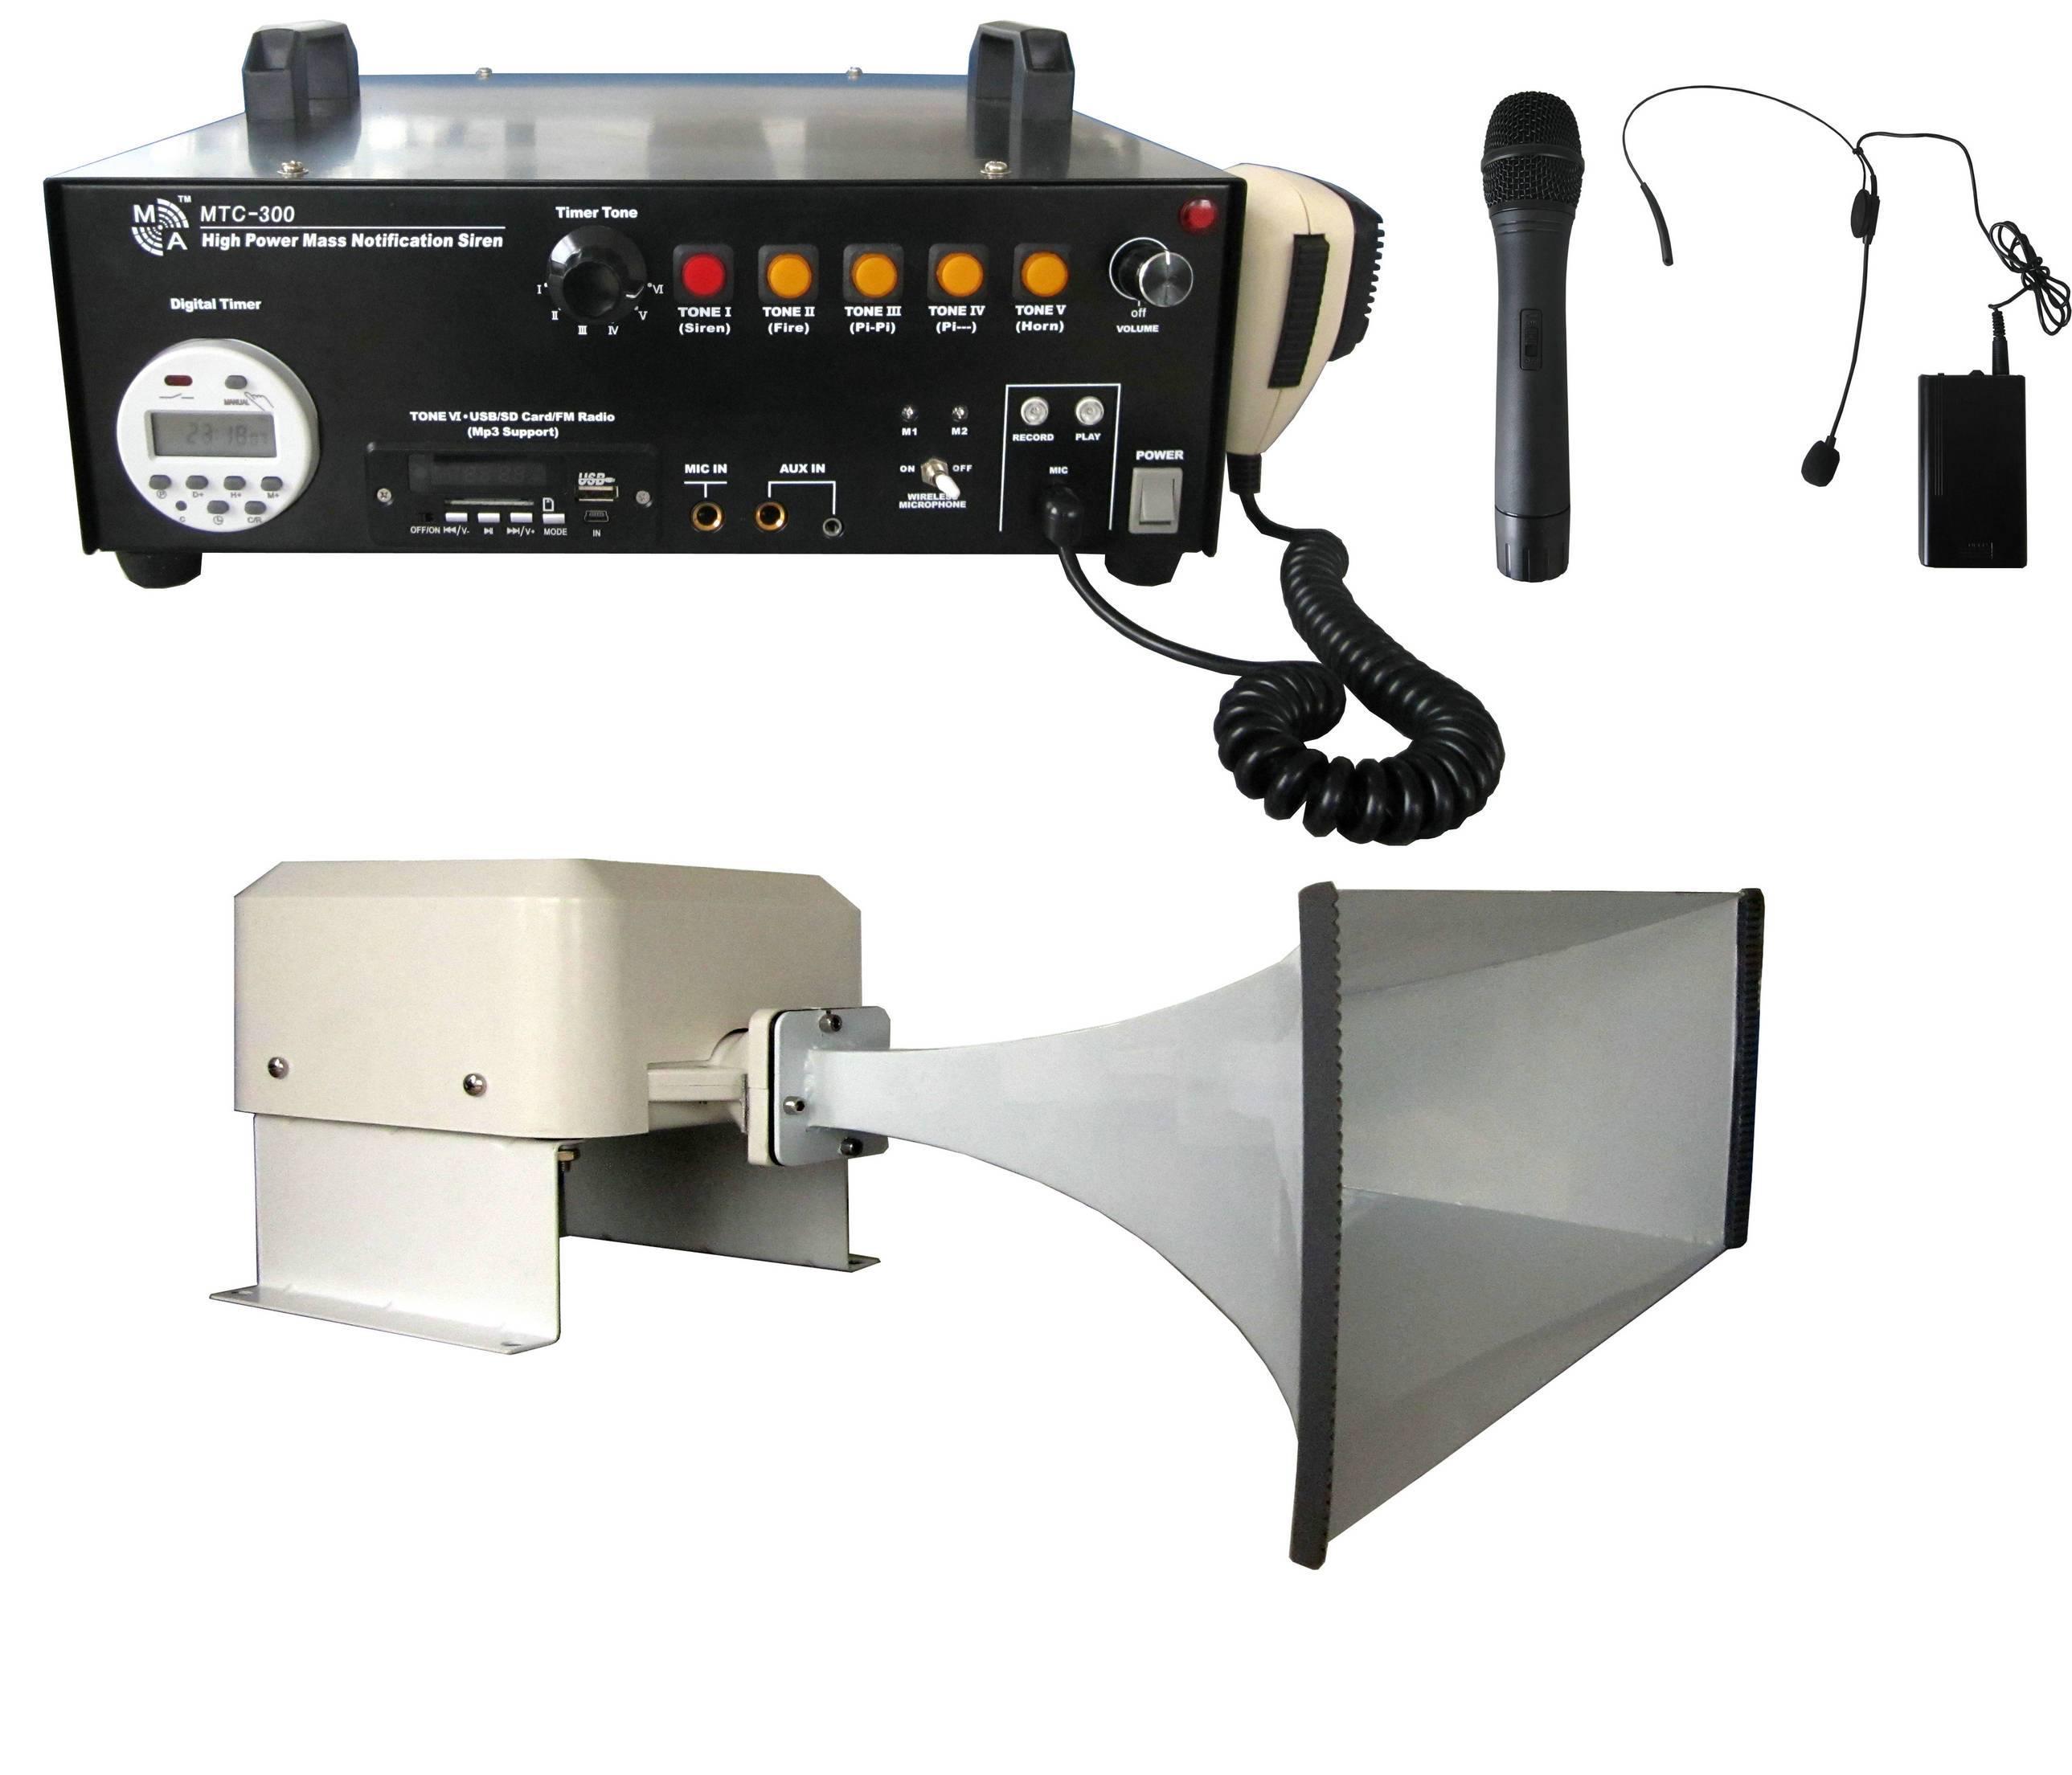 MTC-300 High Power Mass Notification Siren